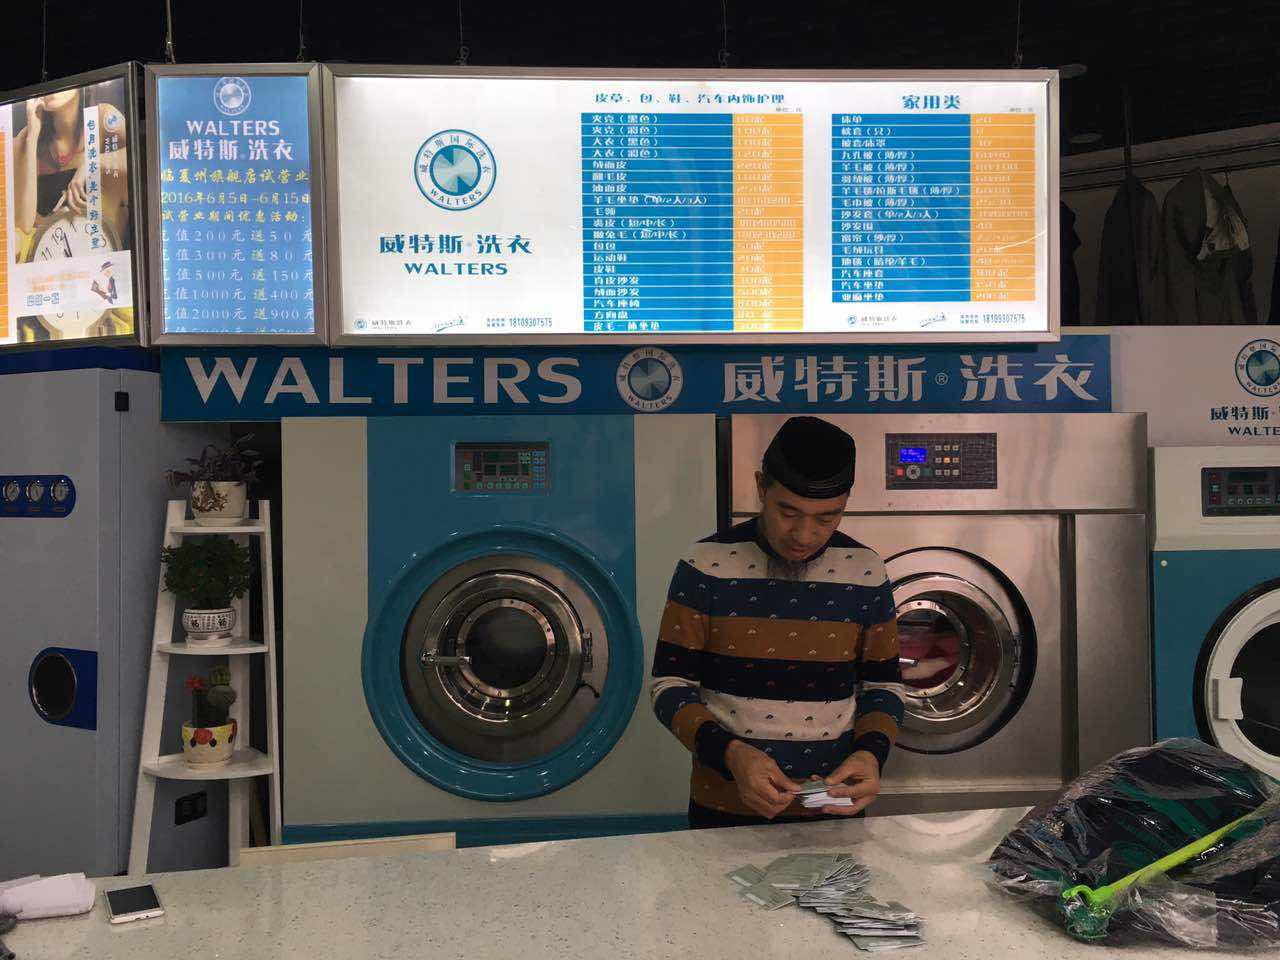 小型干洗店设备要多少钱  威特斯设备品质好价格优